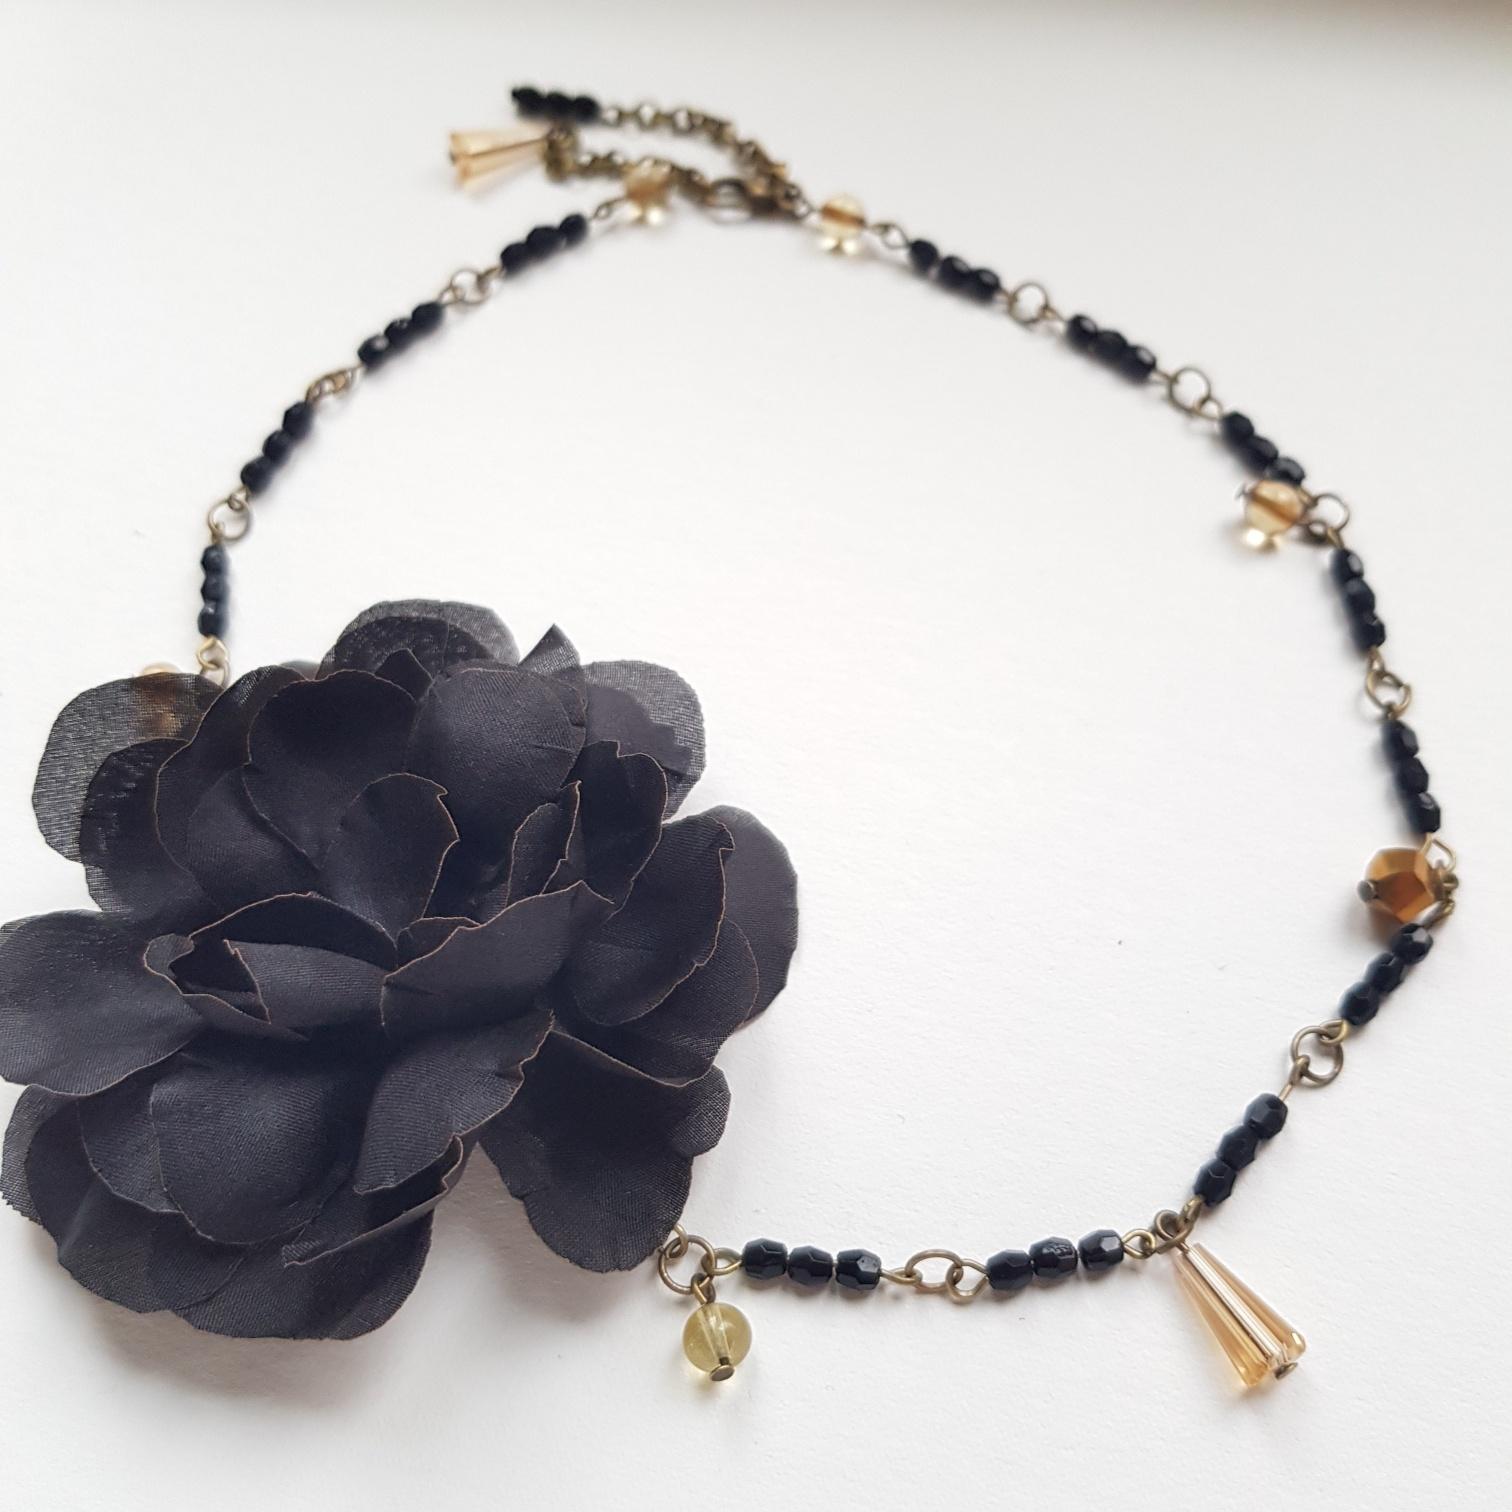 Girocollo con fiore in seta, vetri e mezzi cristalli